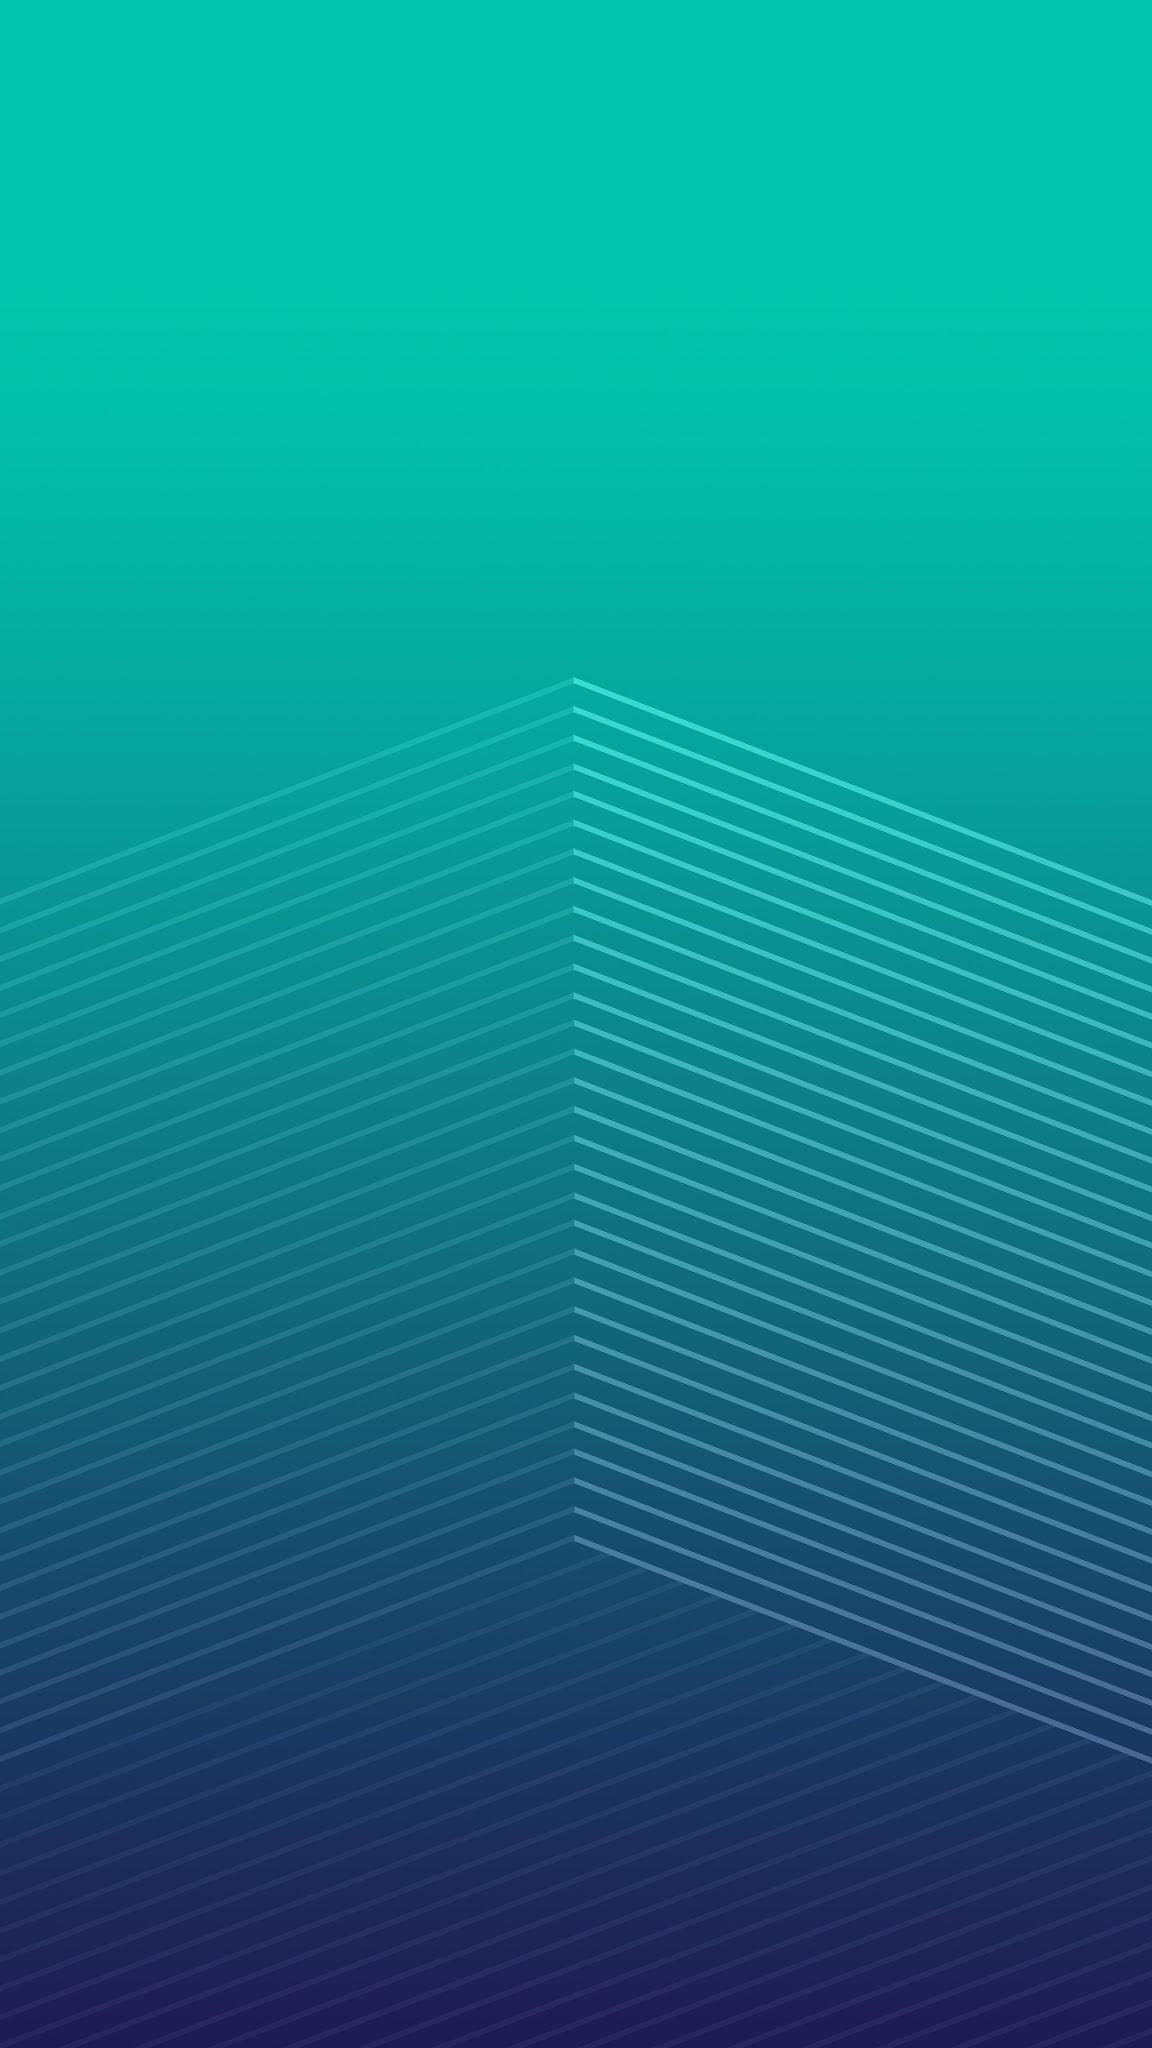 Minimalist Phone Wallpaper